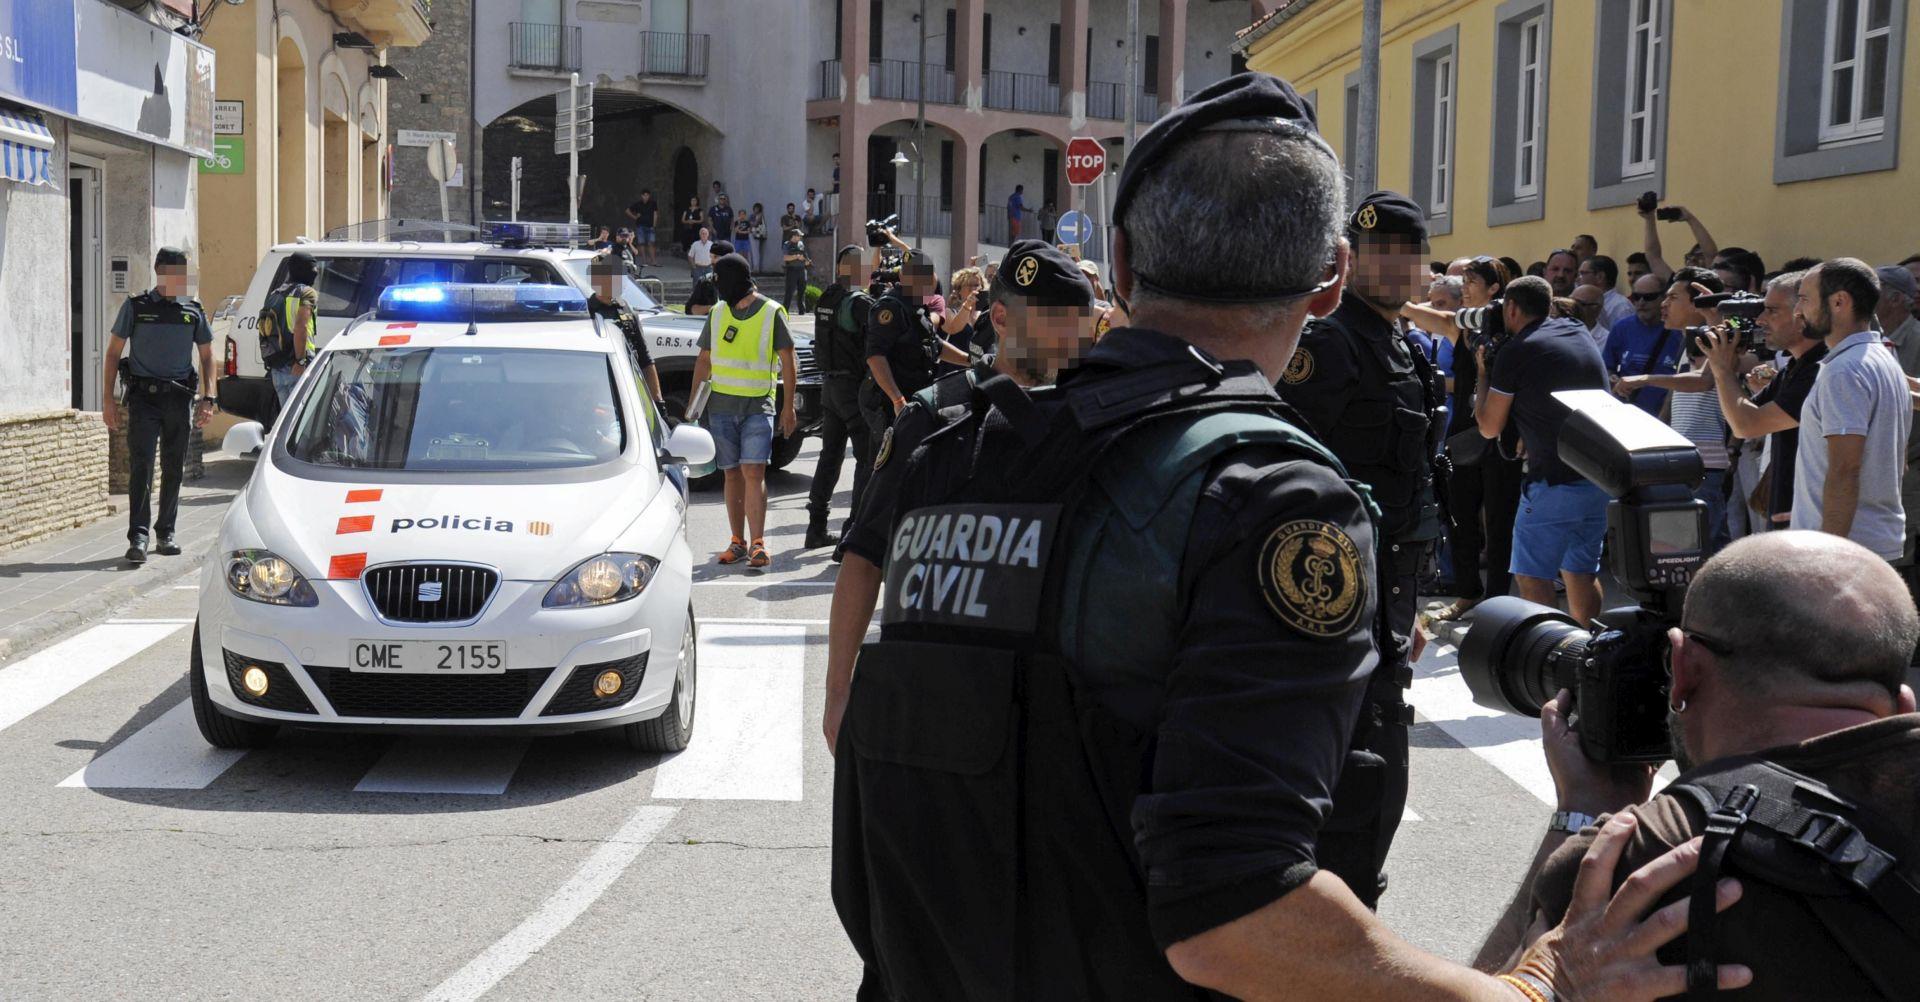 OBRAT U ISTRAZI Ubijeni napadač ipak nije bio vozač kombija, policija traga za novim osumnjičenikom